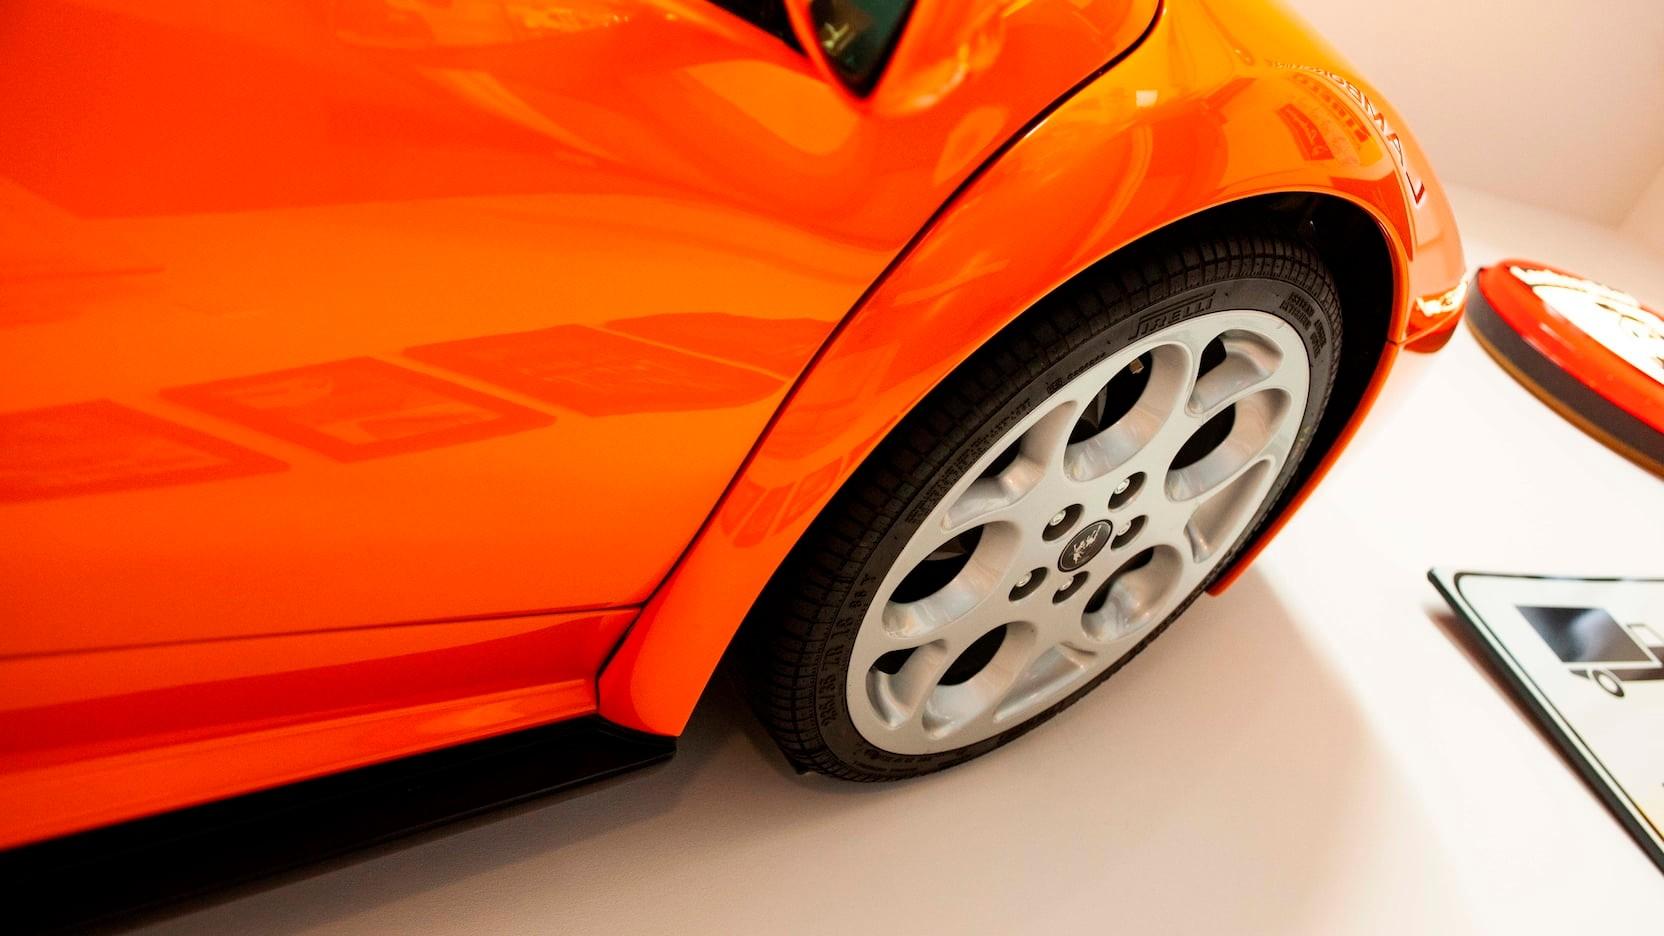 Lamborghini-Diablo-VT-for-wall-13